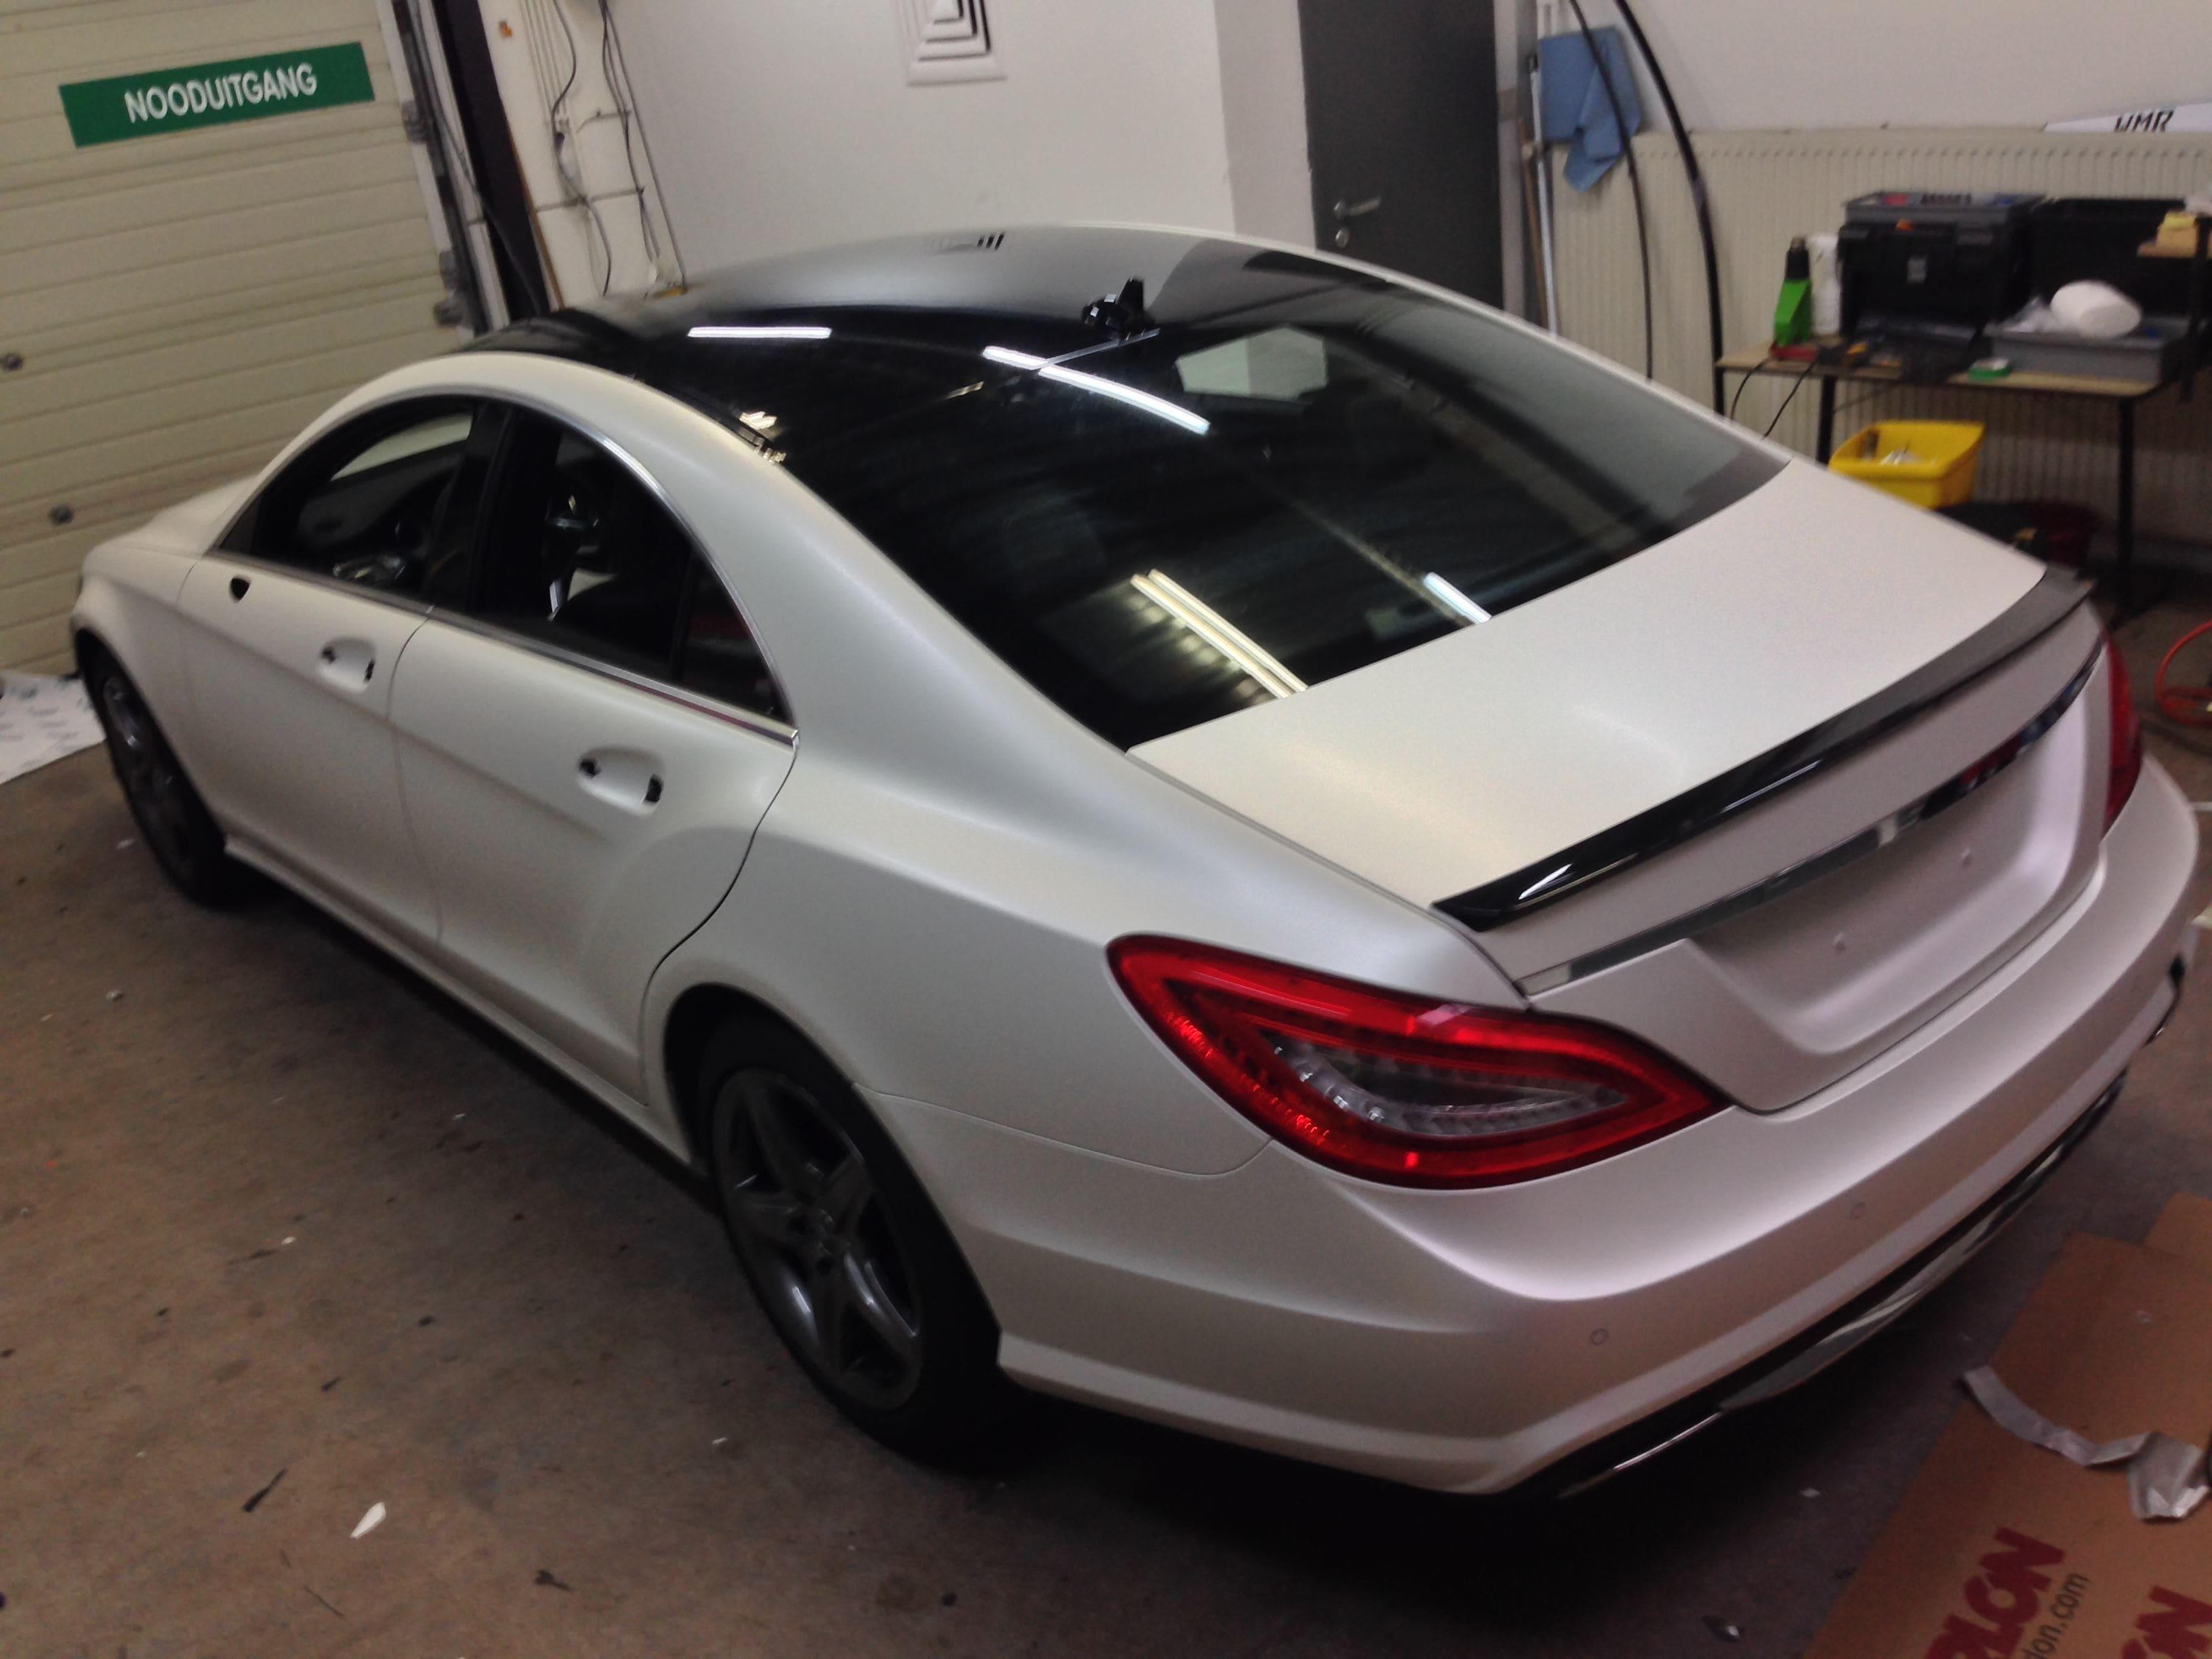 Mercedes CLS met White Satin Pearl Wrap, Carwrapping door Wrapmyride.nu Foto-nr:6182, ©2021